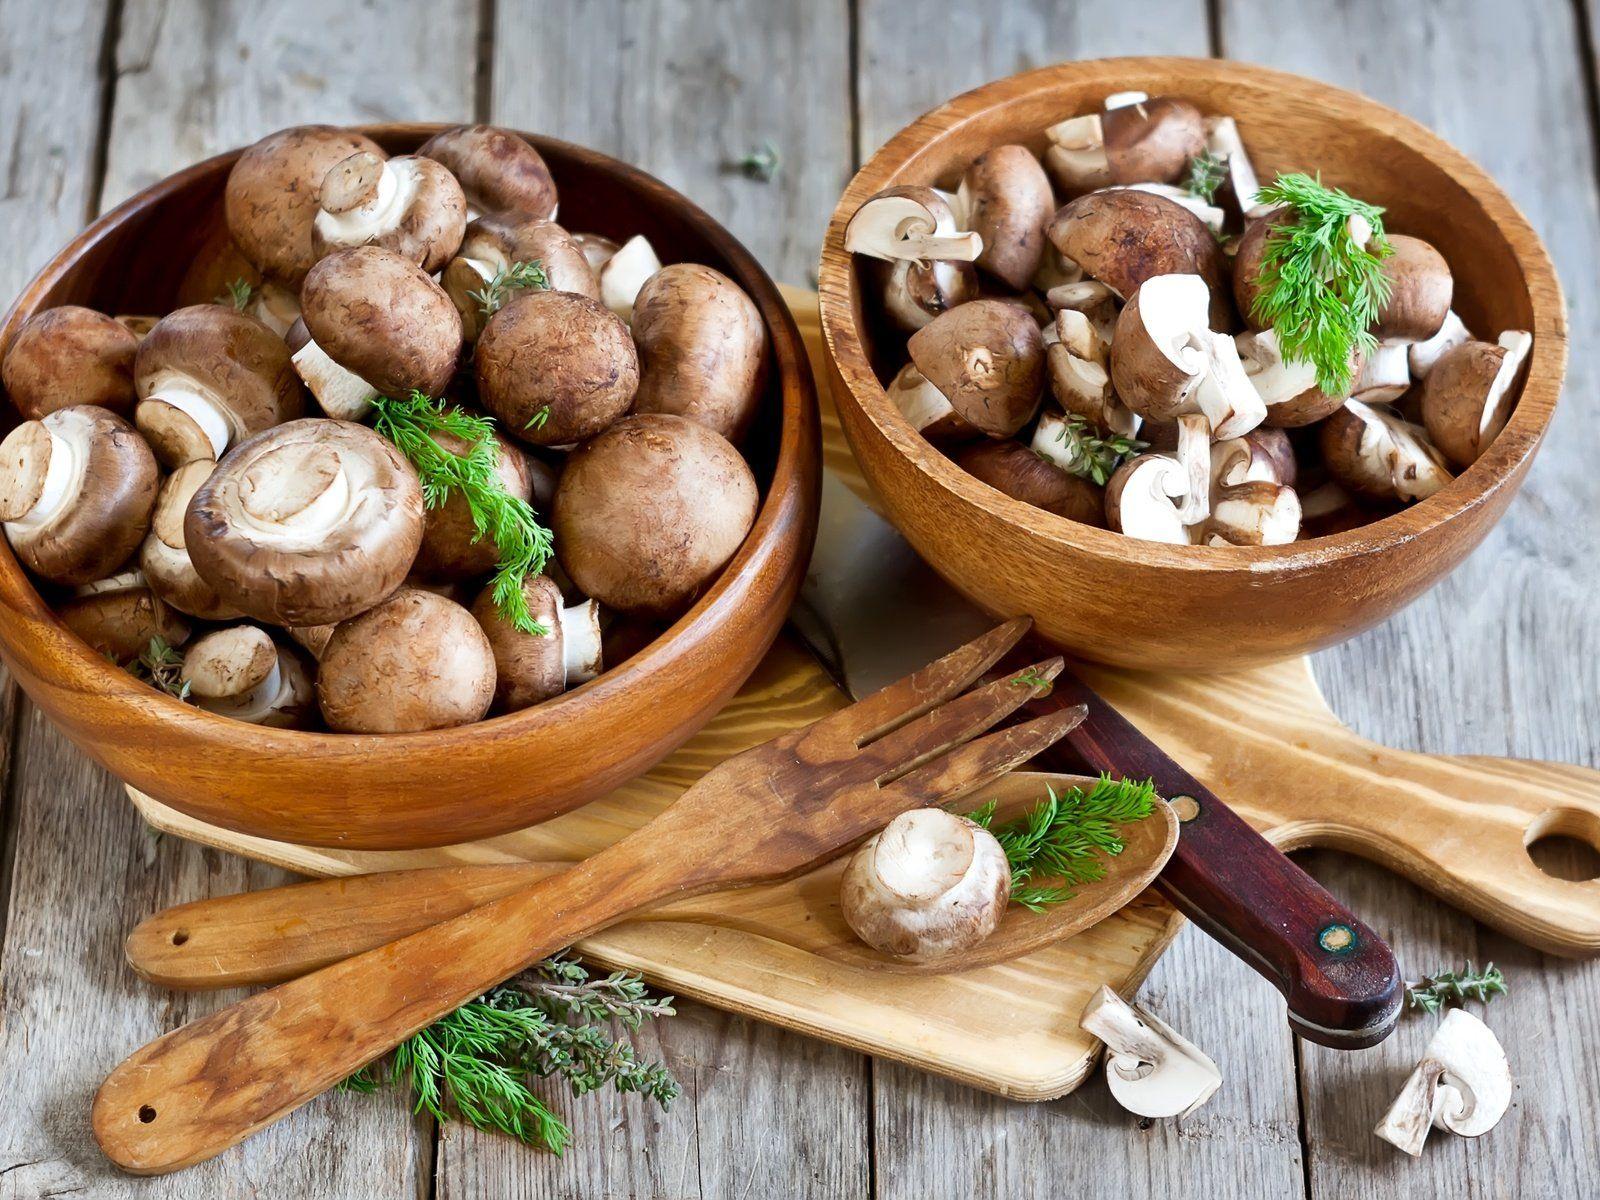 Быстрый рецепт маринованных грибов, которые сразу можно подавать к столу